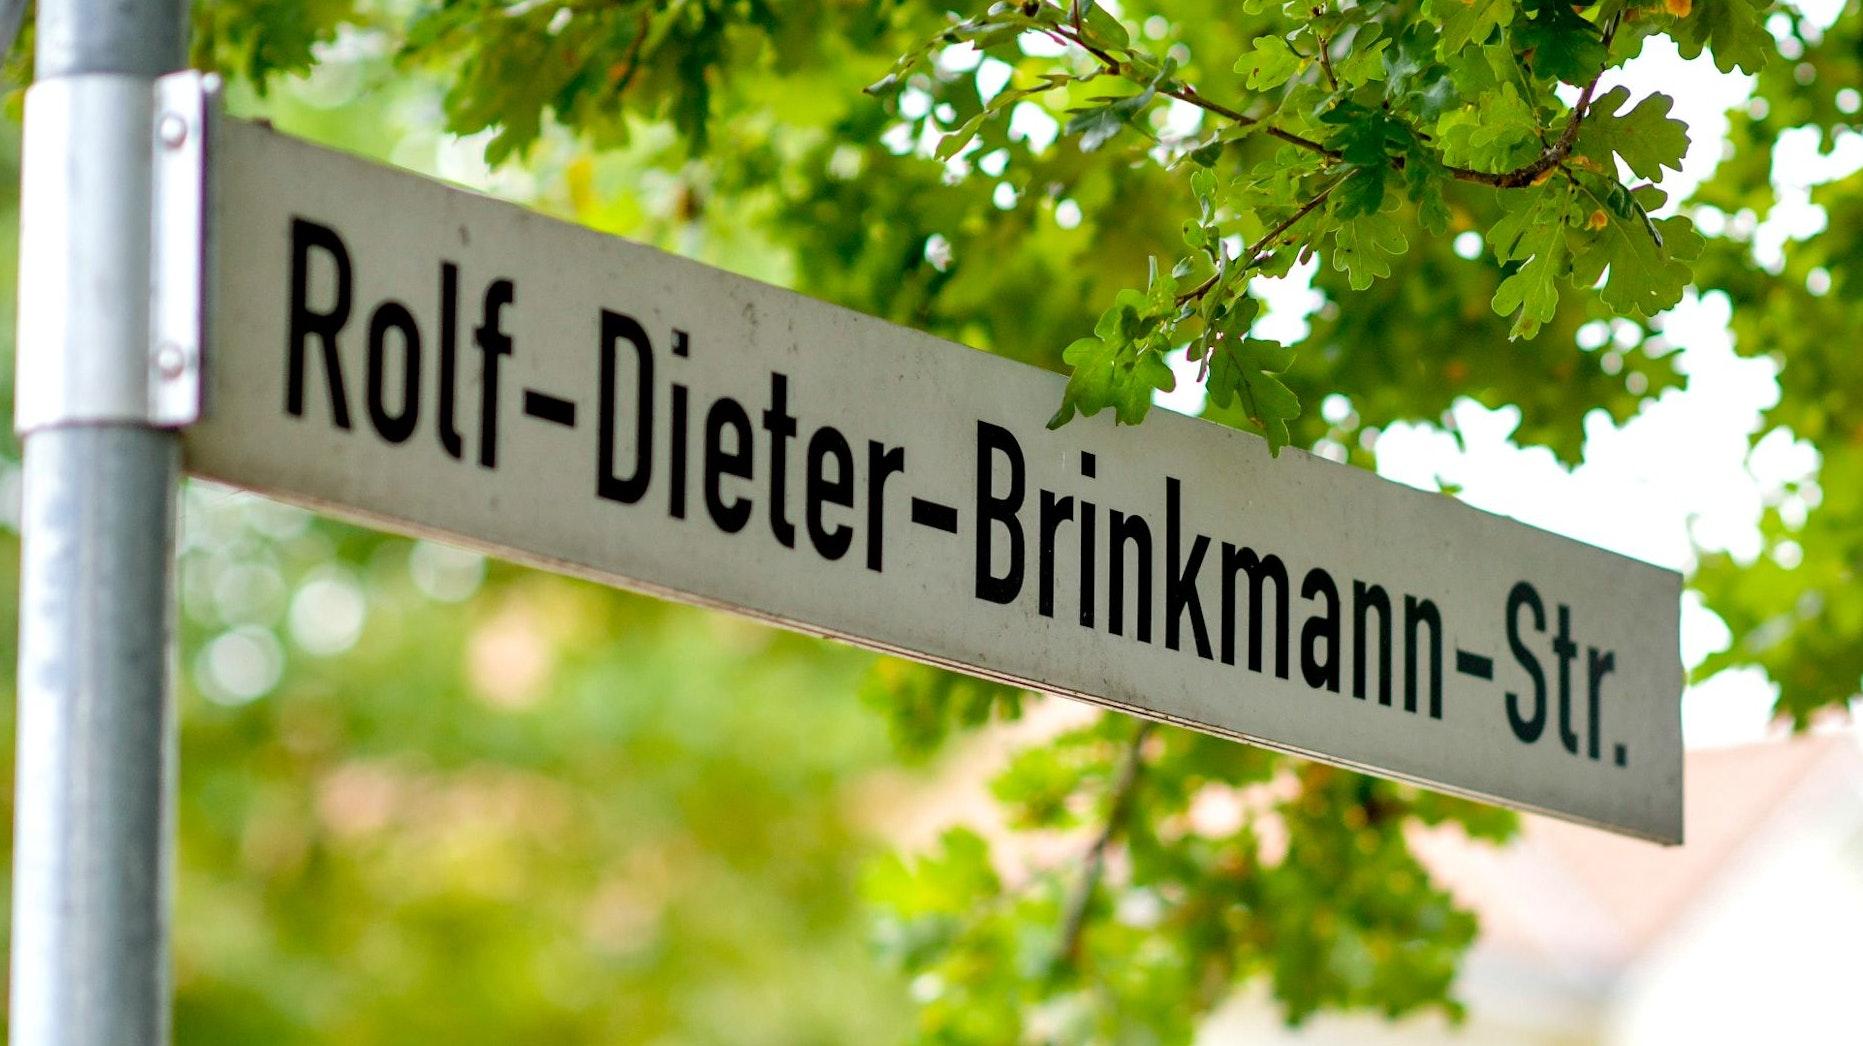 Erst verachtet, dann gewürdigt: Zu Lebzeiten hing Brinkmann in seiner Heimat der Ruf eines Nestbeschmutzers nach - zu Unrecht. 2007 wurde in Vechta eine Straße nach ihm benannt. Foto: Chowanietz